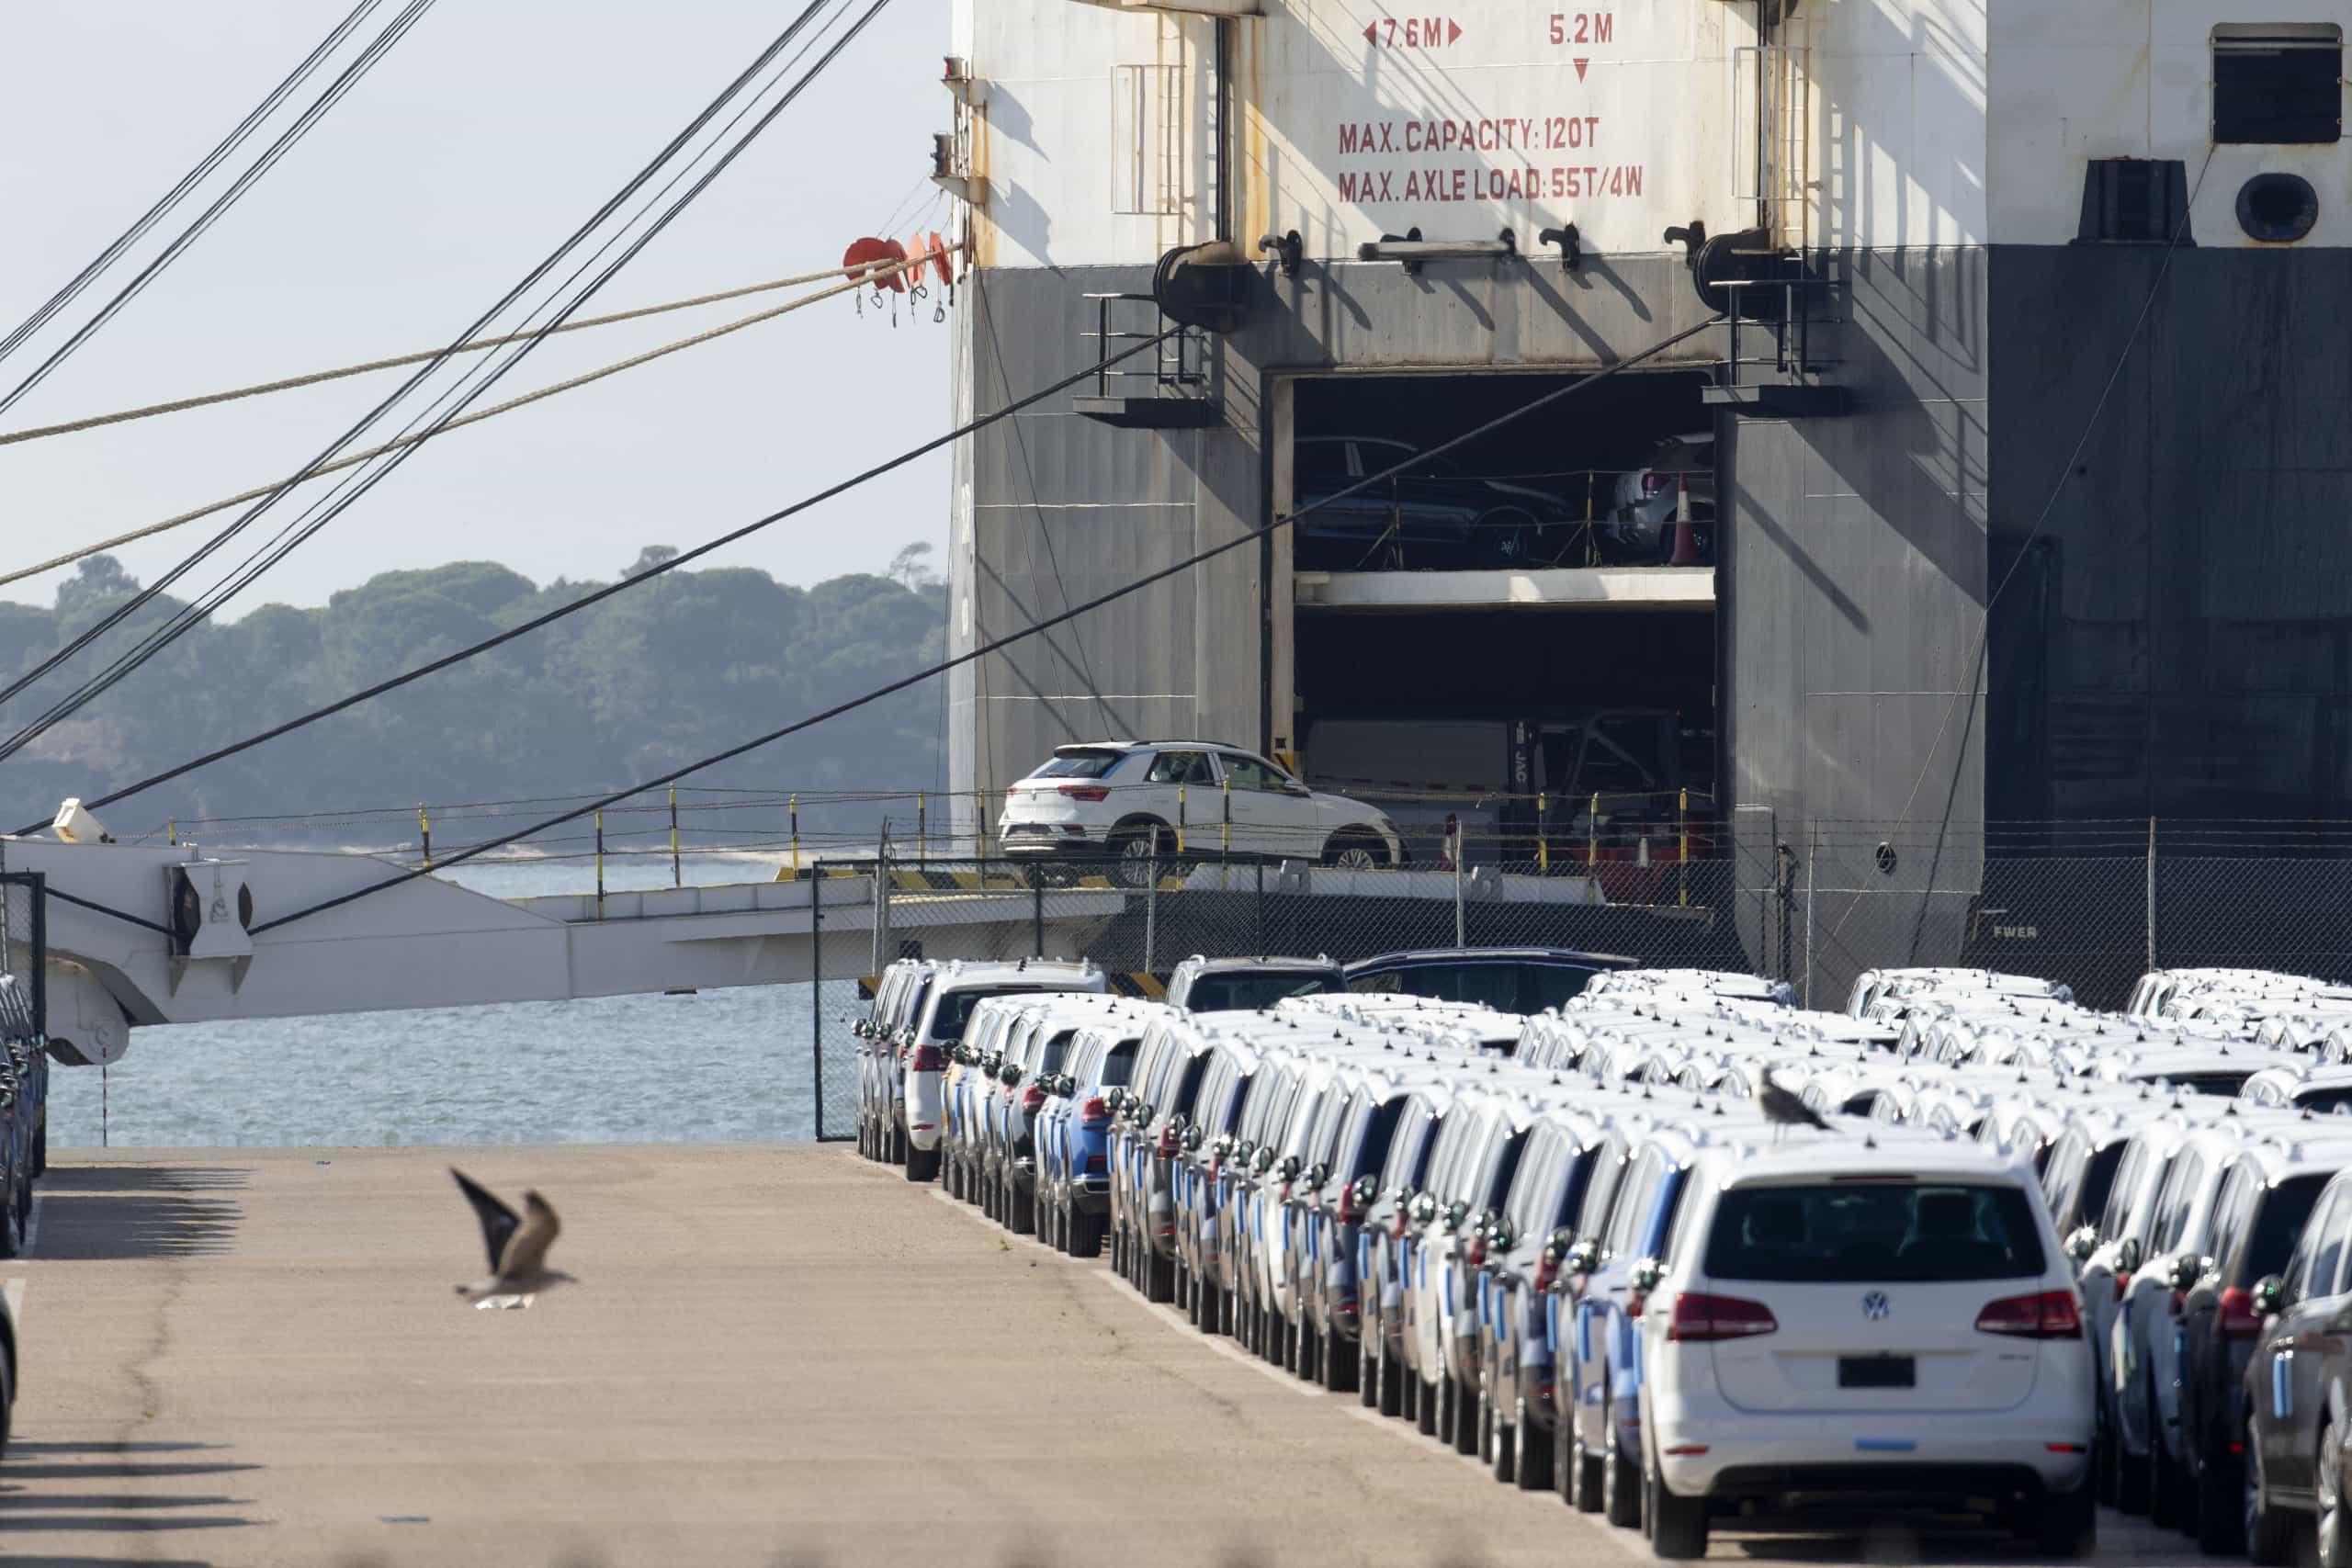 Porto de Leixões recebeu hoje 700 automóveis da Autoeuropa